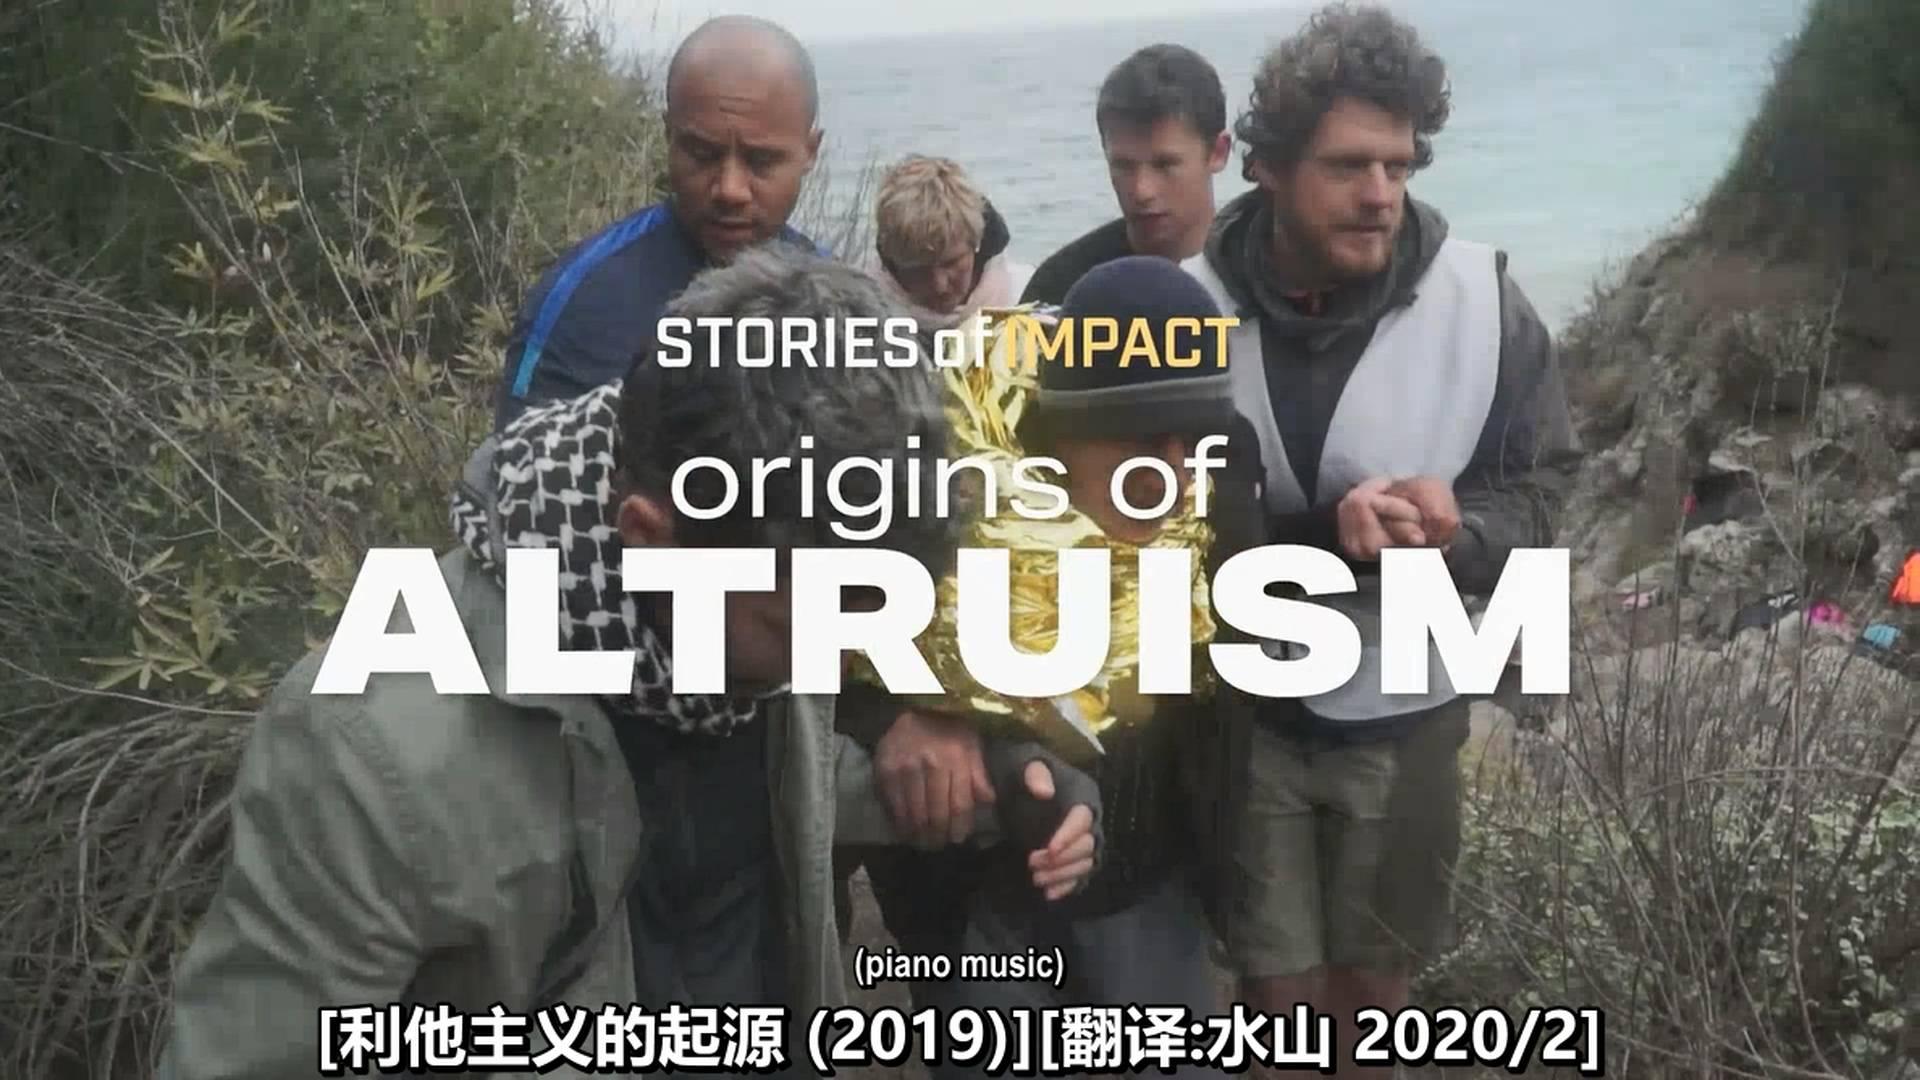 碰撞故事:利他主义的起源(2018)水山汉化